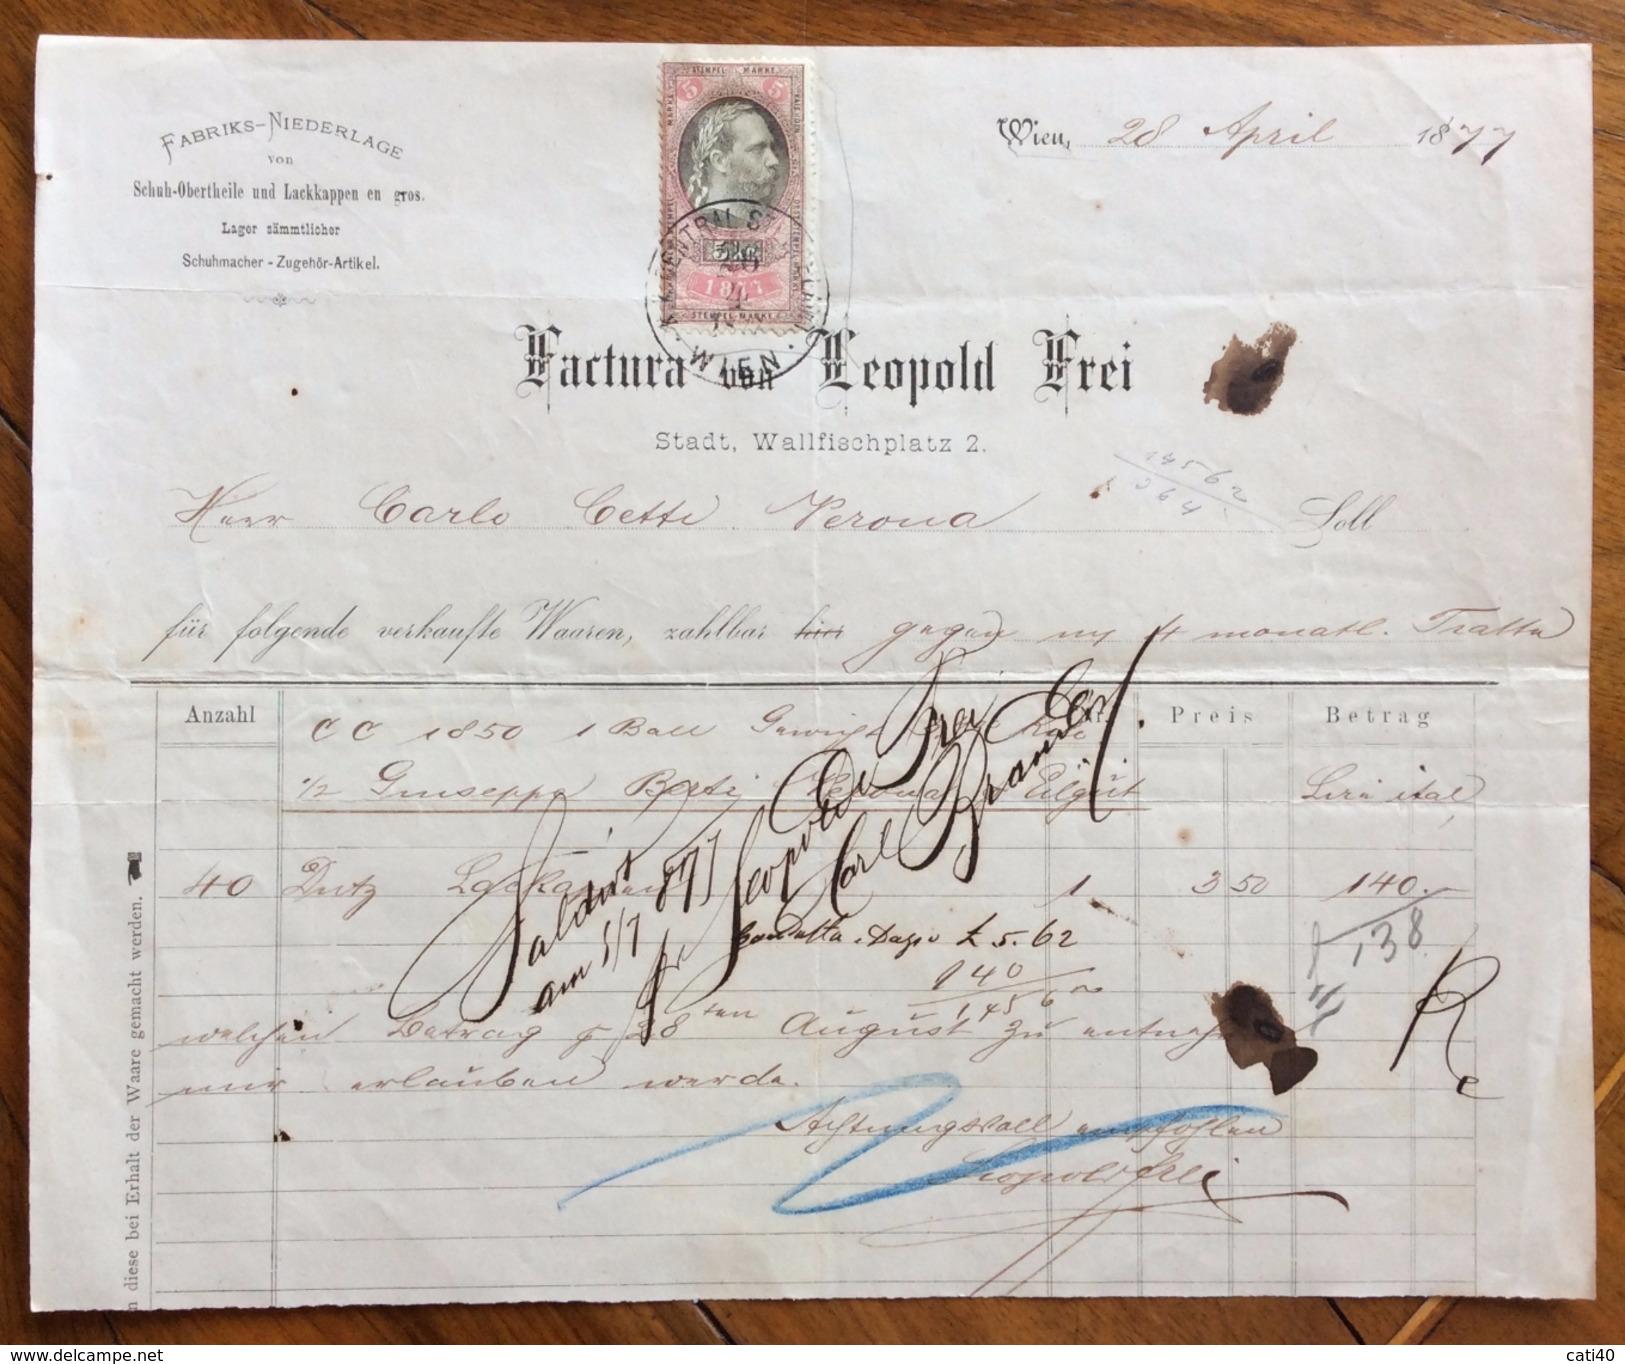 FATTURA PUBBLICITARIA  LEOPOLD FREI  WIEN VIENNA  MODA ABBIGLIAMENTO   Del 28/4/1877  CON MARCA DA BOLLO - Austria